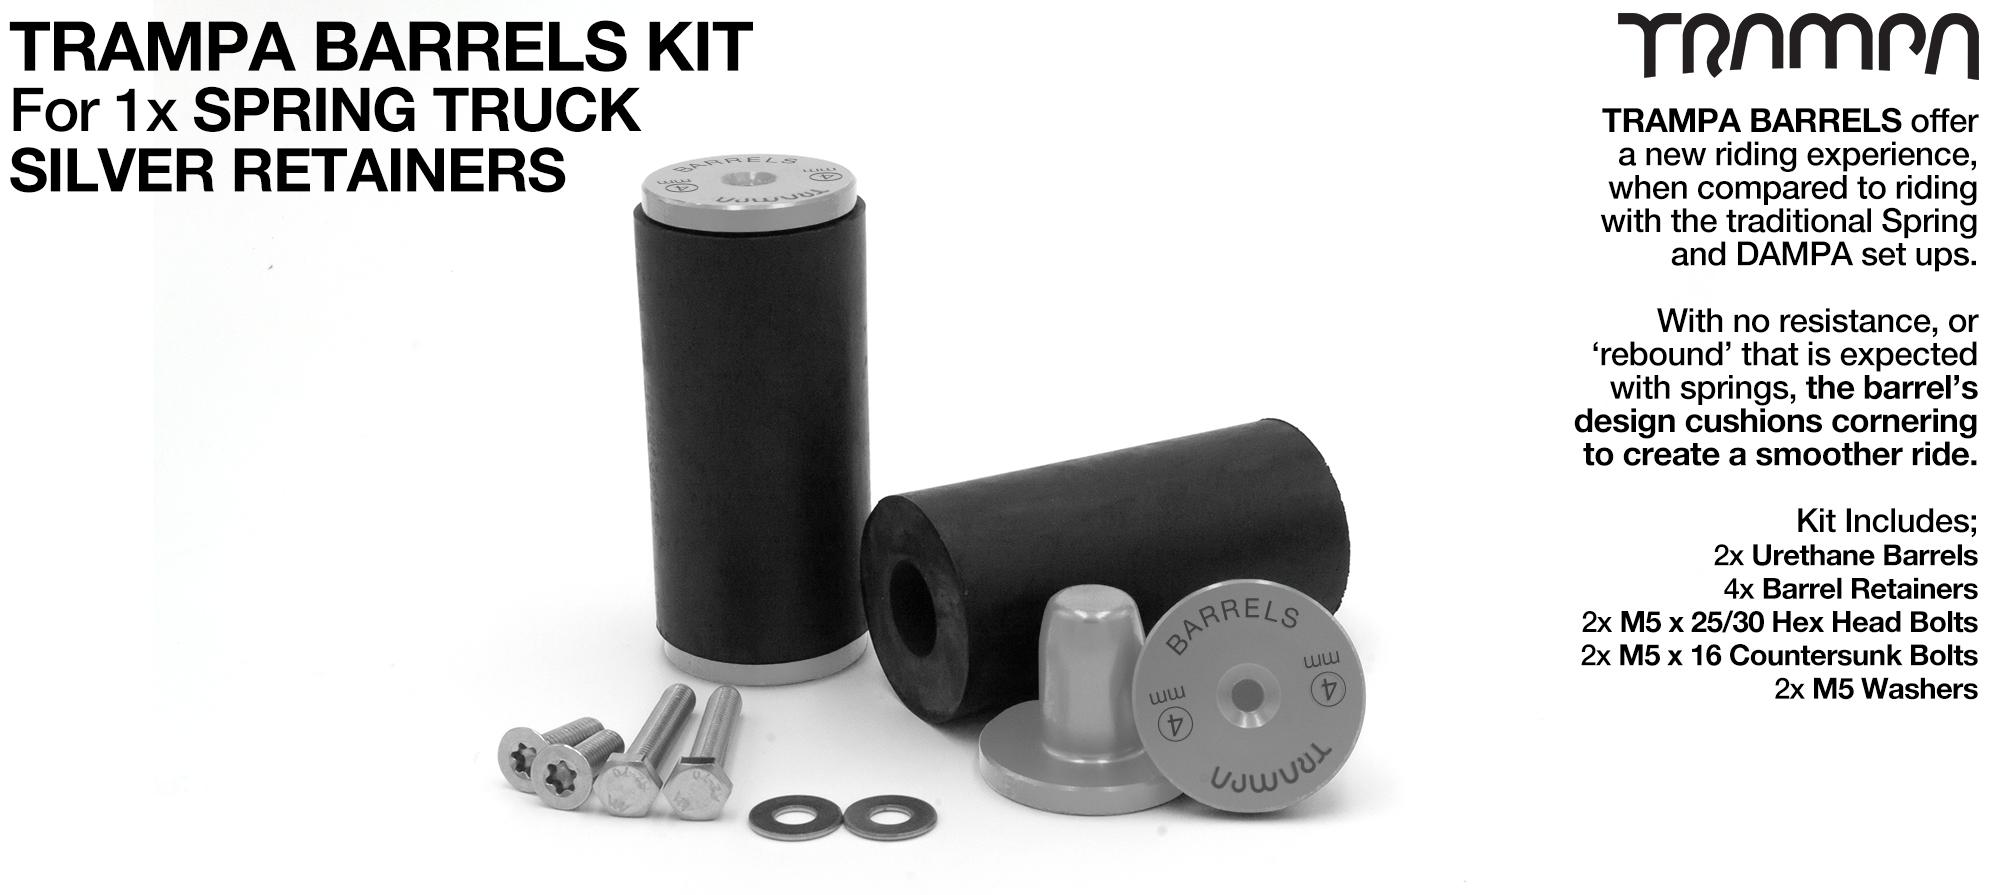 TRAMPA BARRELS Complete 1x TRUCK Kit - SILVER